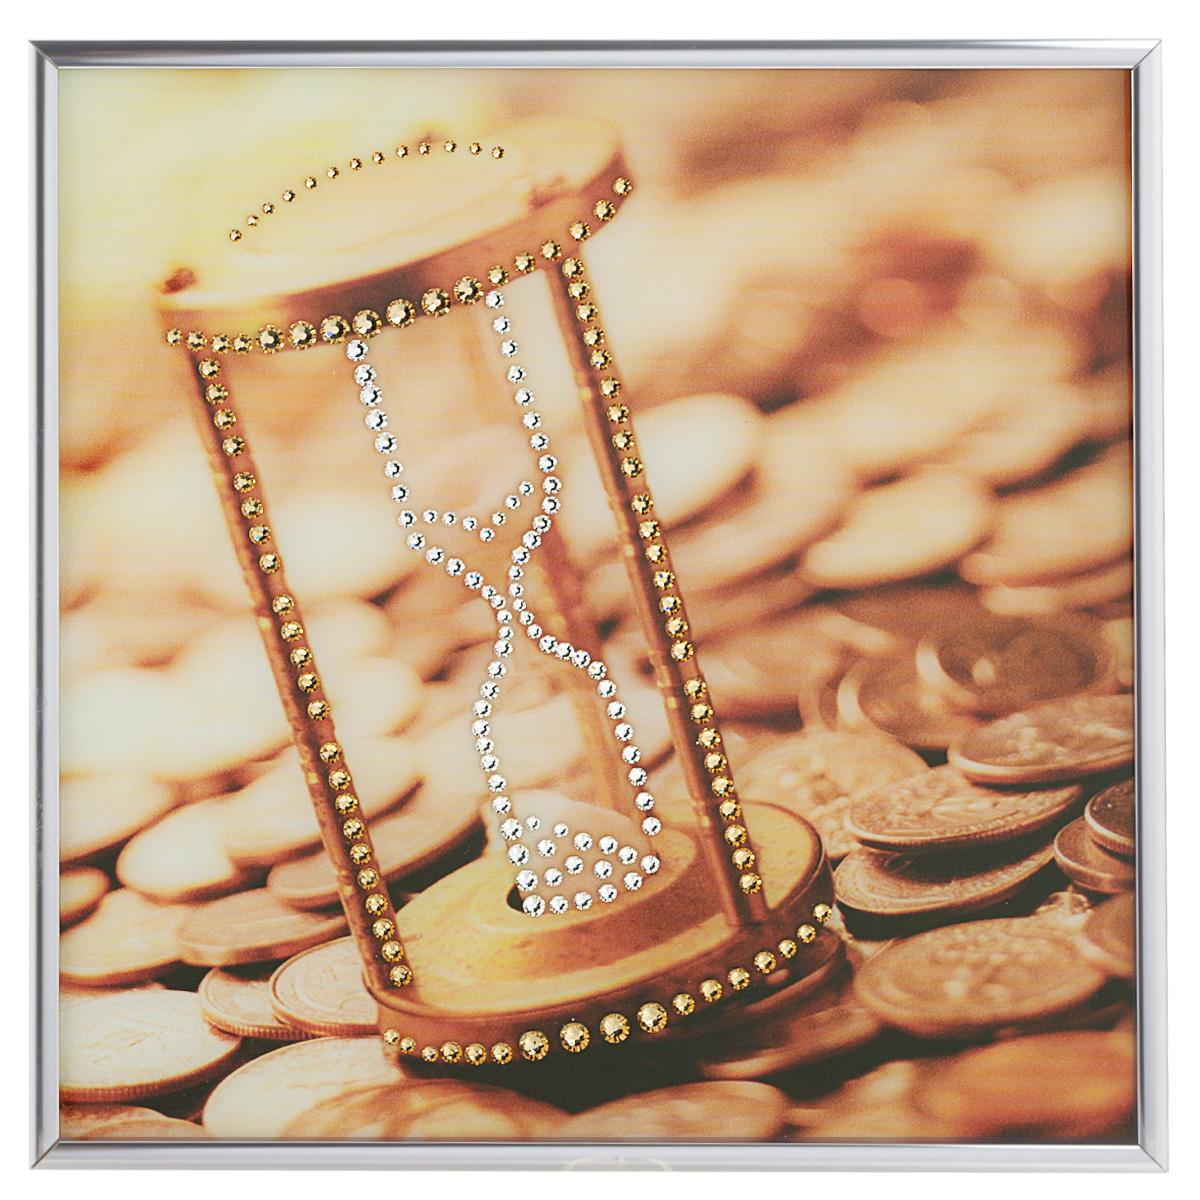 Картина с кристаллами Swarovski Время деньги, 25 х 25 см1395Изящная картина в металлической раме, инкрустирована кристаллами Swarovski, которые отличаются четкой и ровной огранкой, ярким блеском и чистотой цвета. Красочное изображение песочных часов и монет, расположенное под стеклом, прекрасно дополняет блеск кристаллов. С обратной стороны имеется металлическая петелька для размещения картины на стене. Картина с кристаллами Swarovski Время деньги элегантно украсит интерьер дома или офиса, а также станет прекрасным подарком, который обязательно понравится получателю. Блеск кристаллов в интерьере, что может быть сказочнее и удивительнее. Картина упакована в подарочную картонную коробку синего цвета и комплектуется сертификатом соответствия Swarovski.